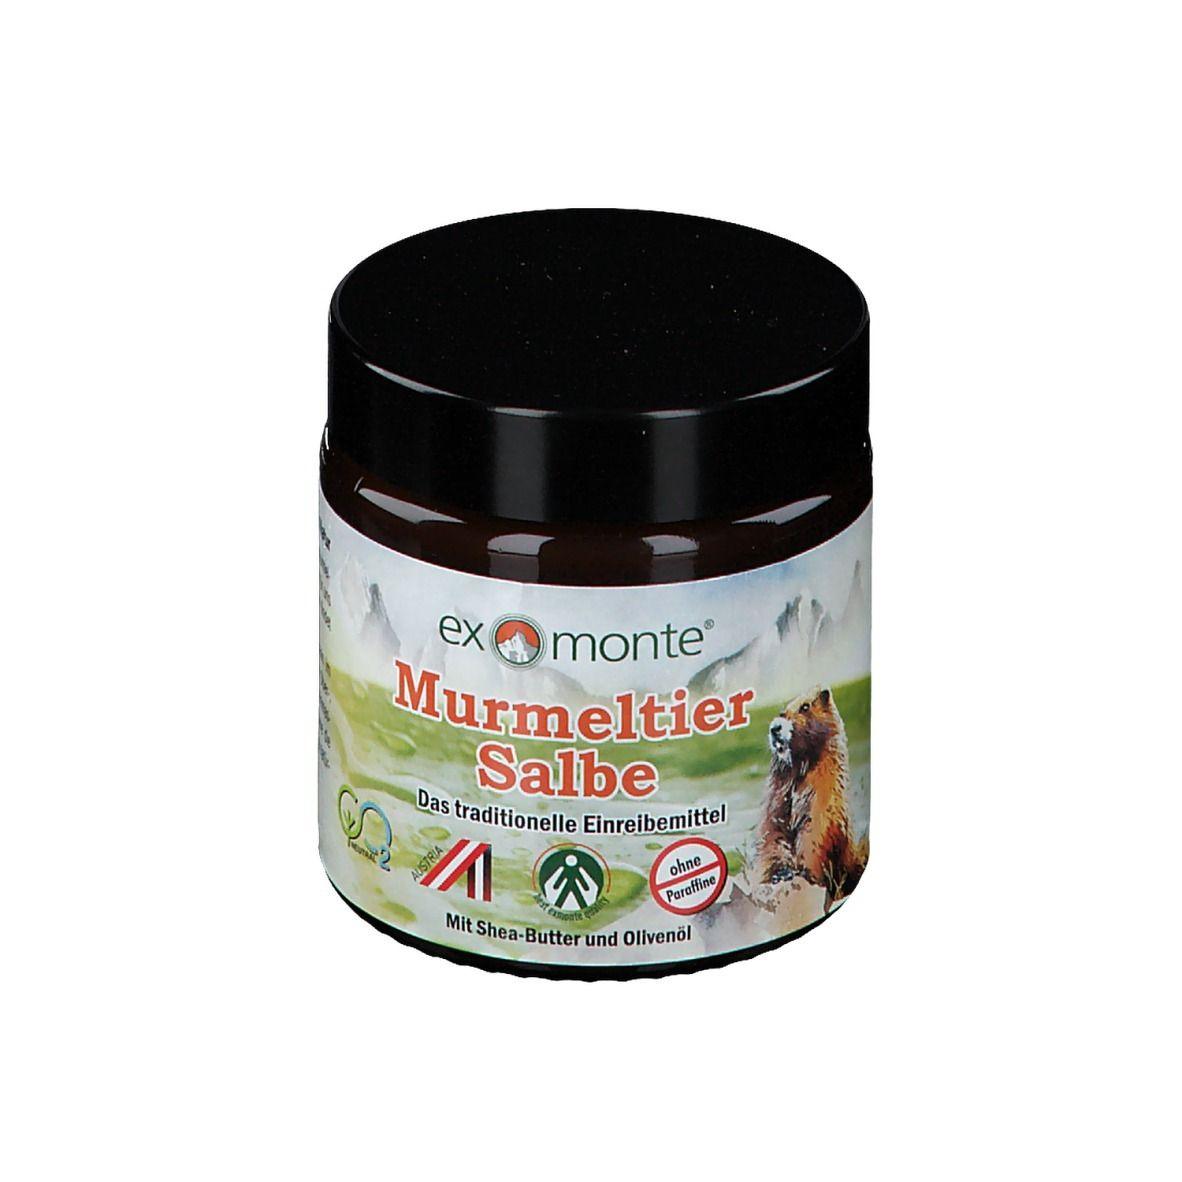 Image of exmonte Murmeltiersalbe ohne Paraffine